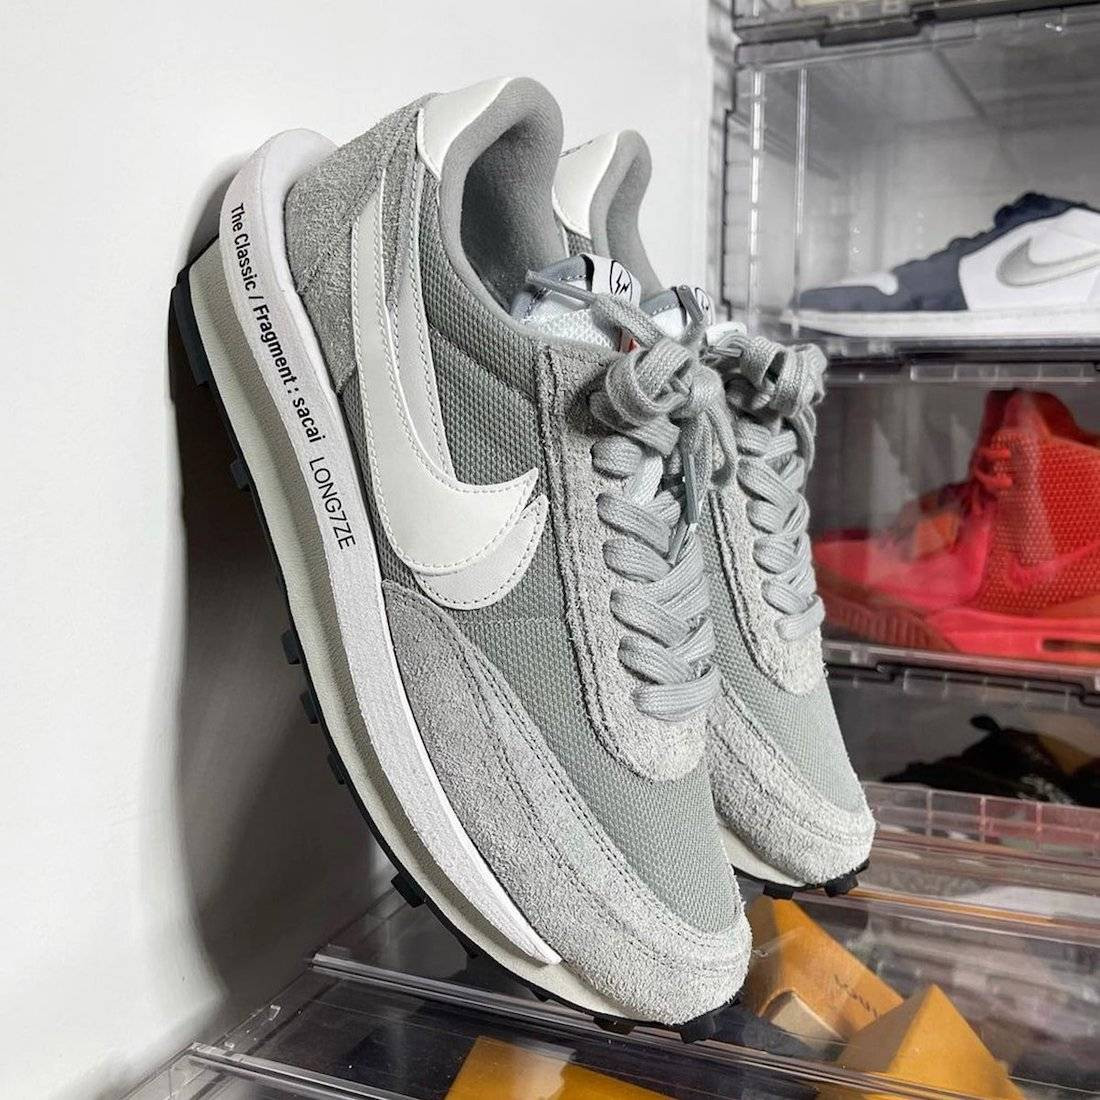 华夫, Swoosh, Sacai x Nike LDWaffle, LDWaffle